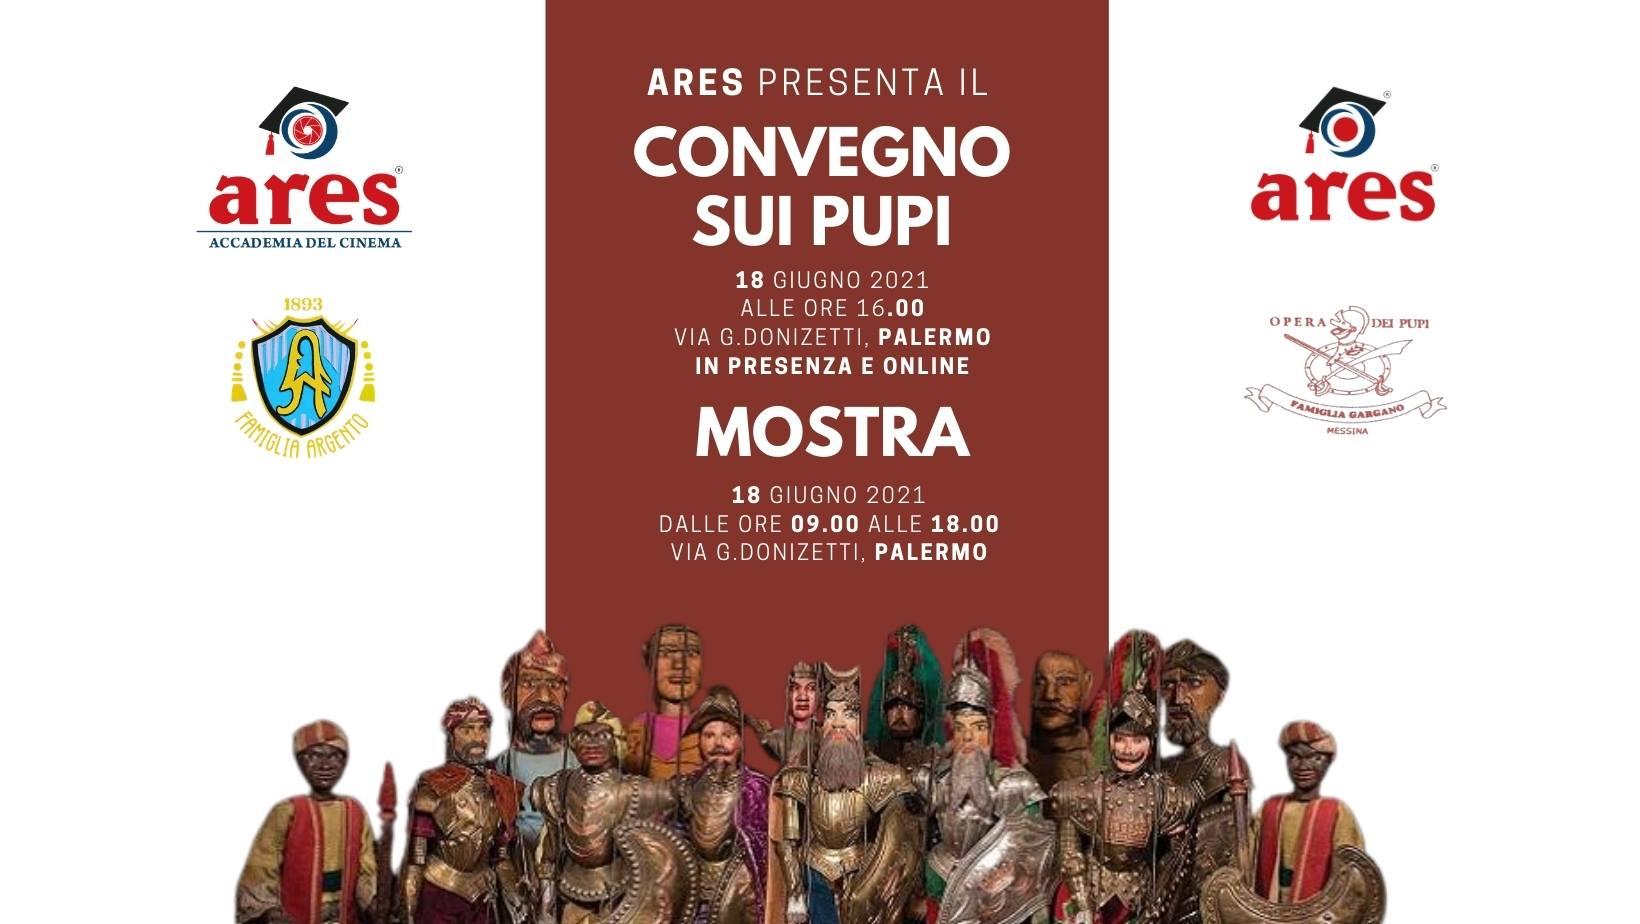 La storia dei pupi siciliani: appuntamento con l'Accademia di Cinema Ares